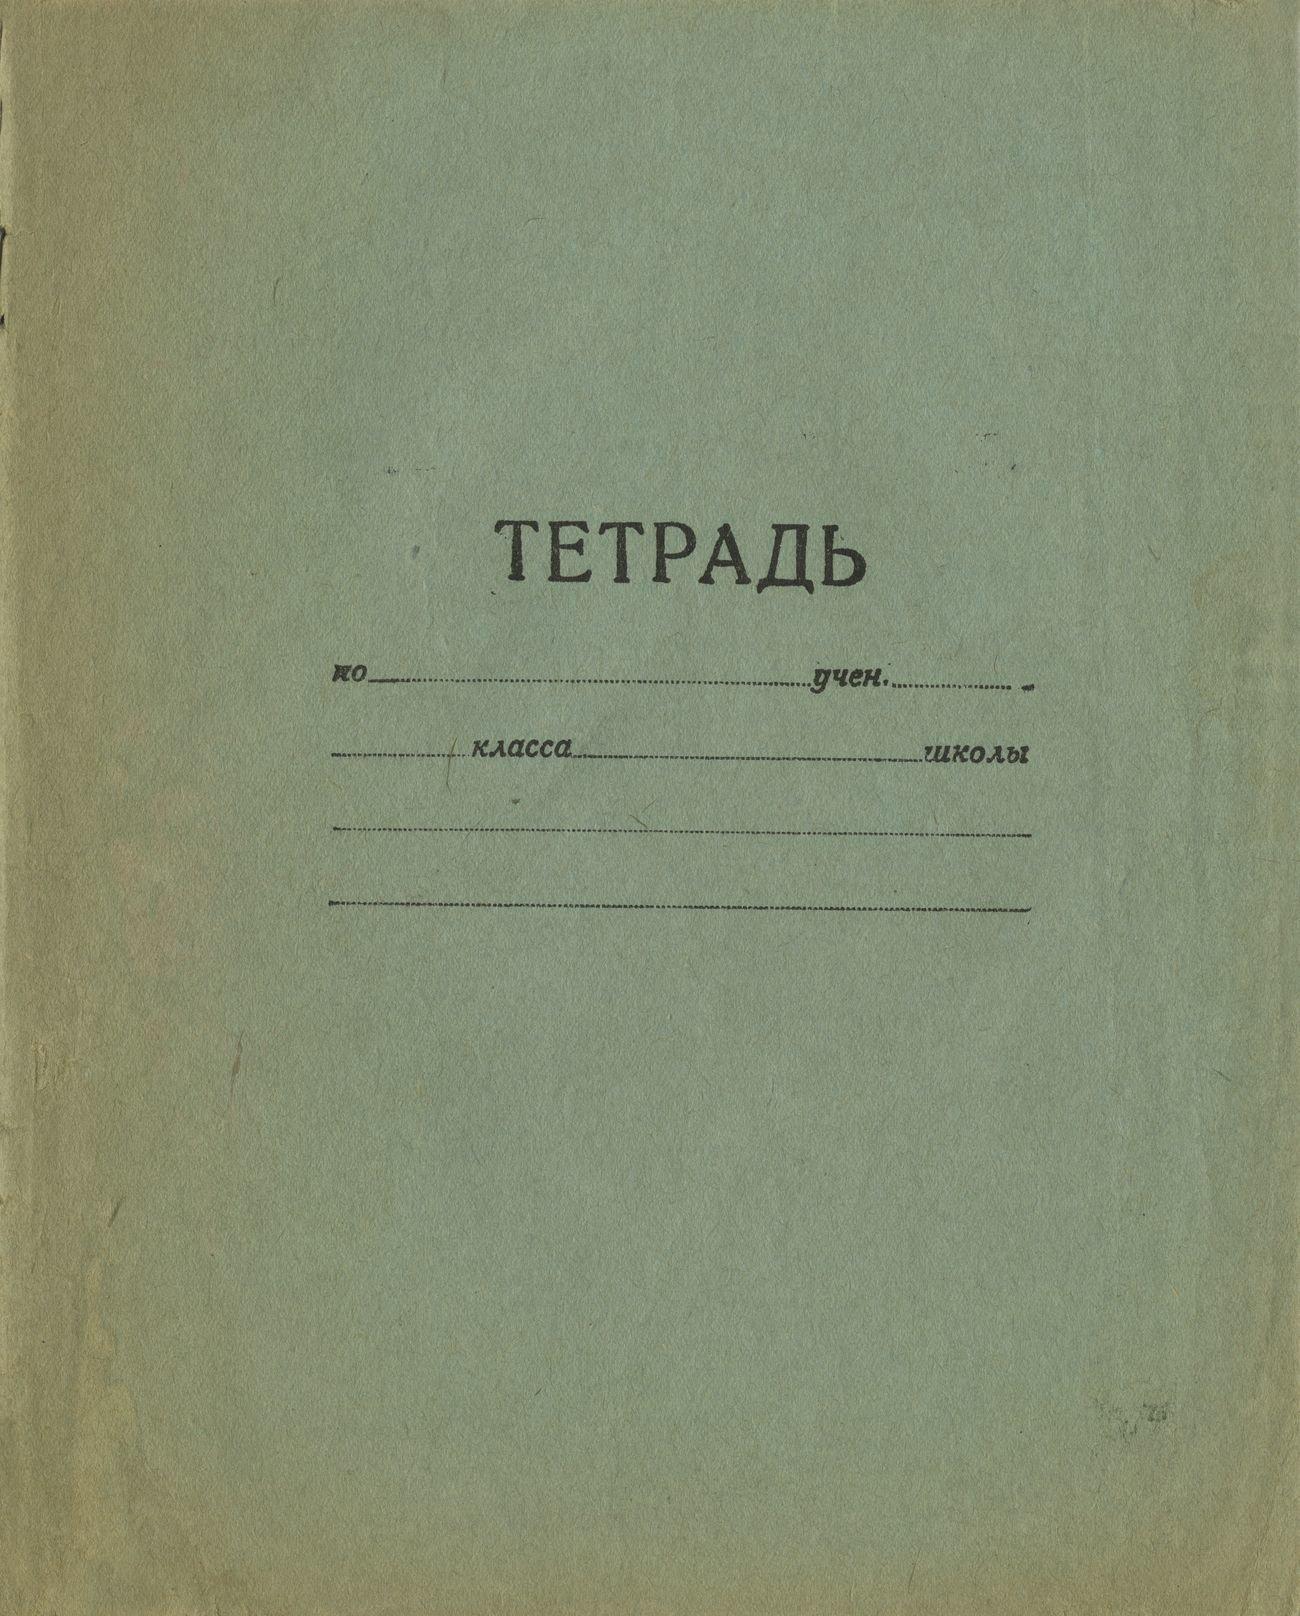 23 типография, Москва, 170х210